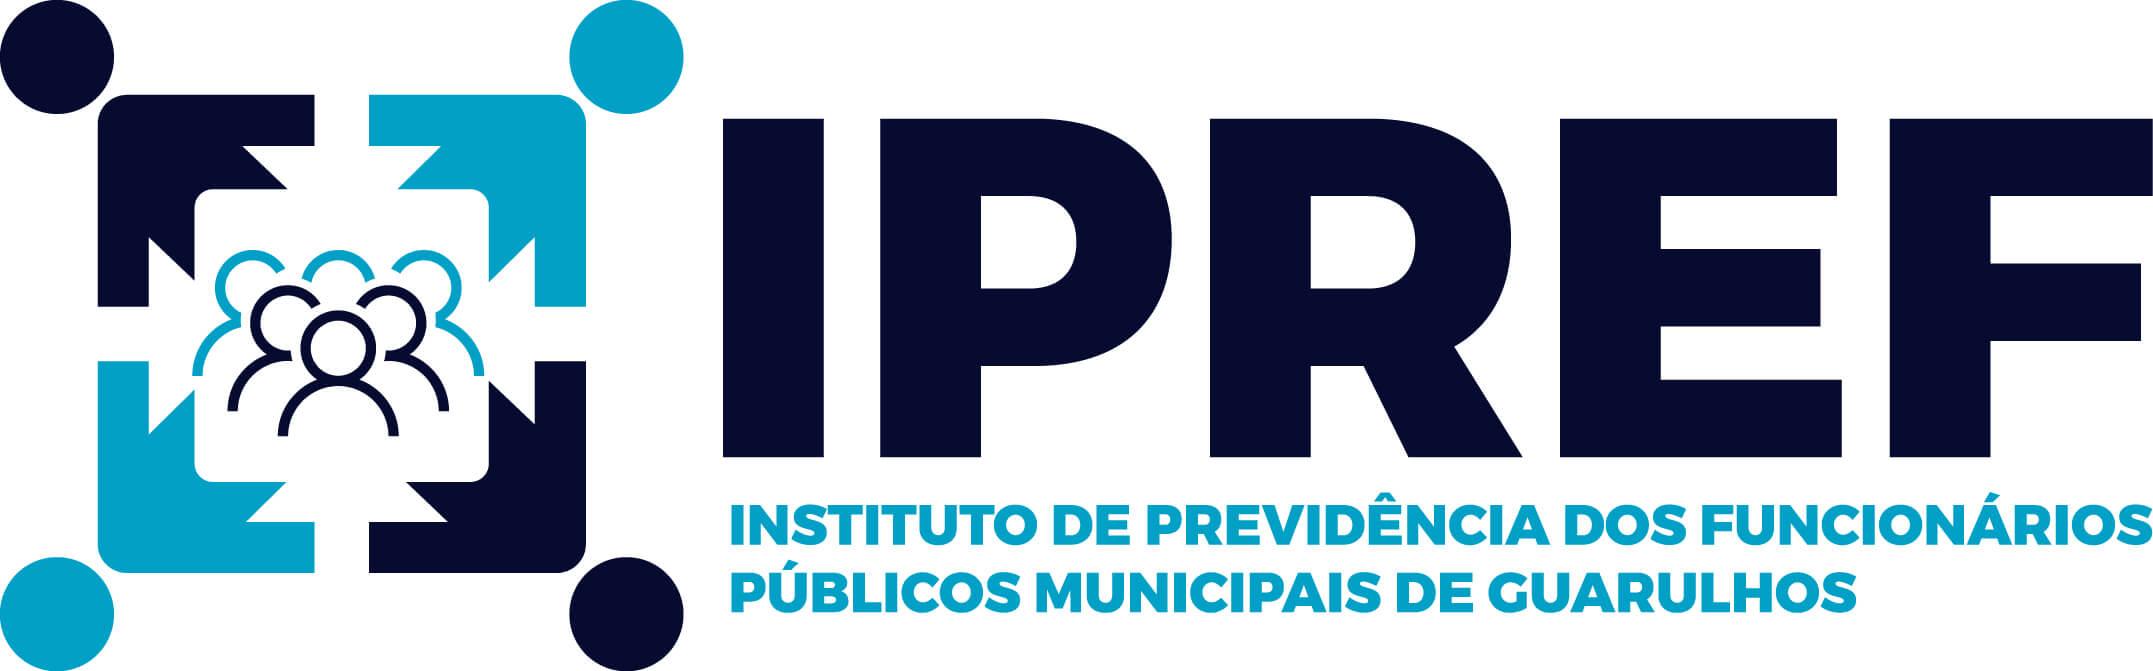 IPREF Guarulhos